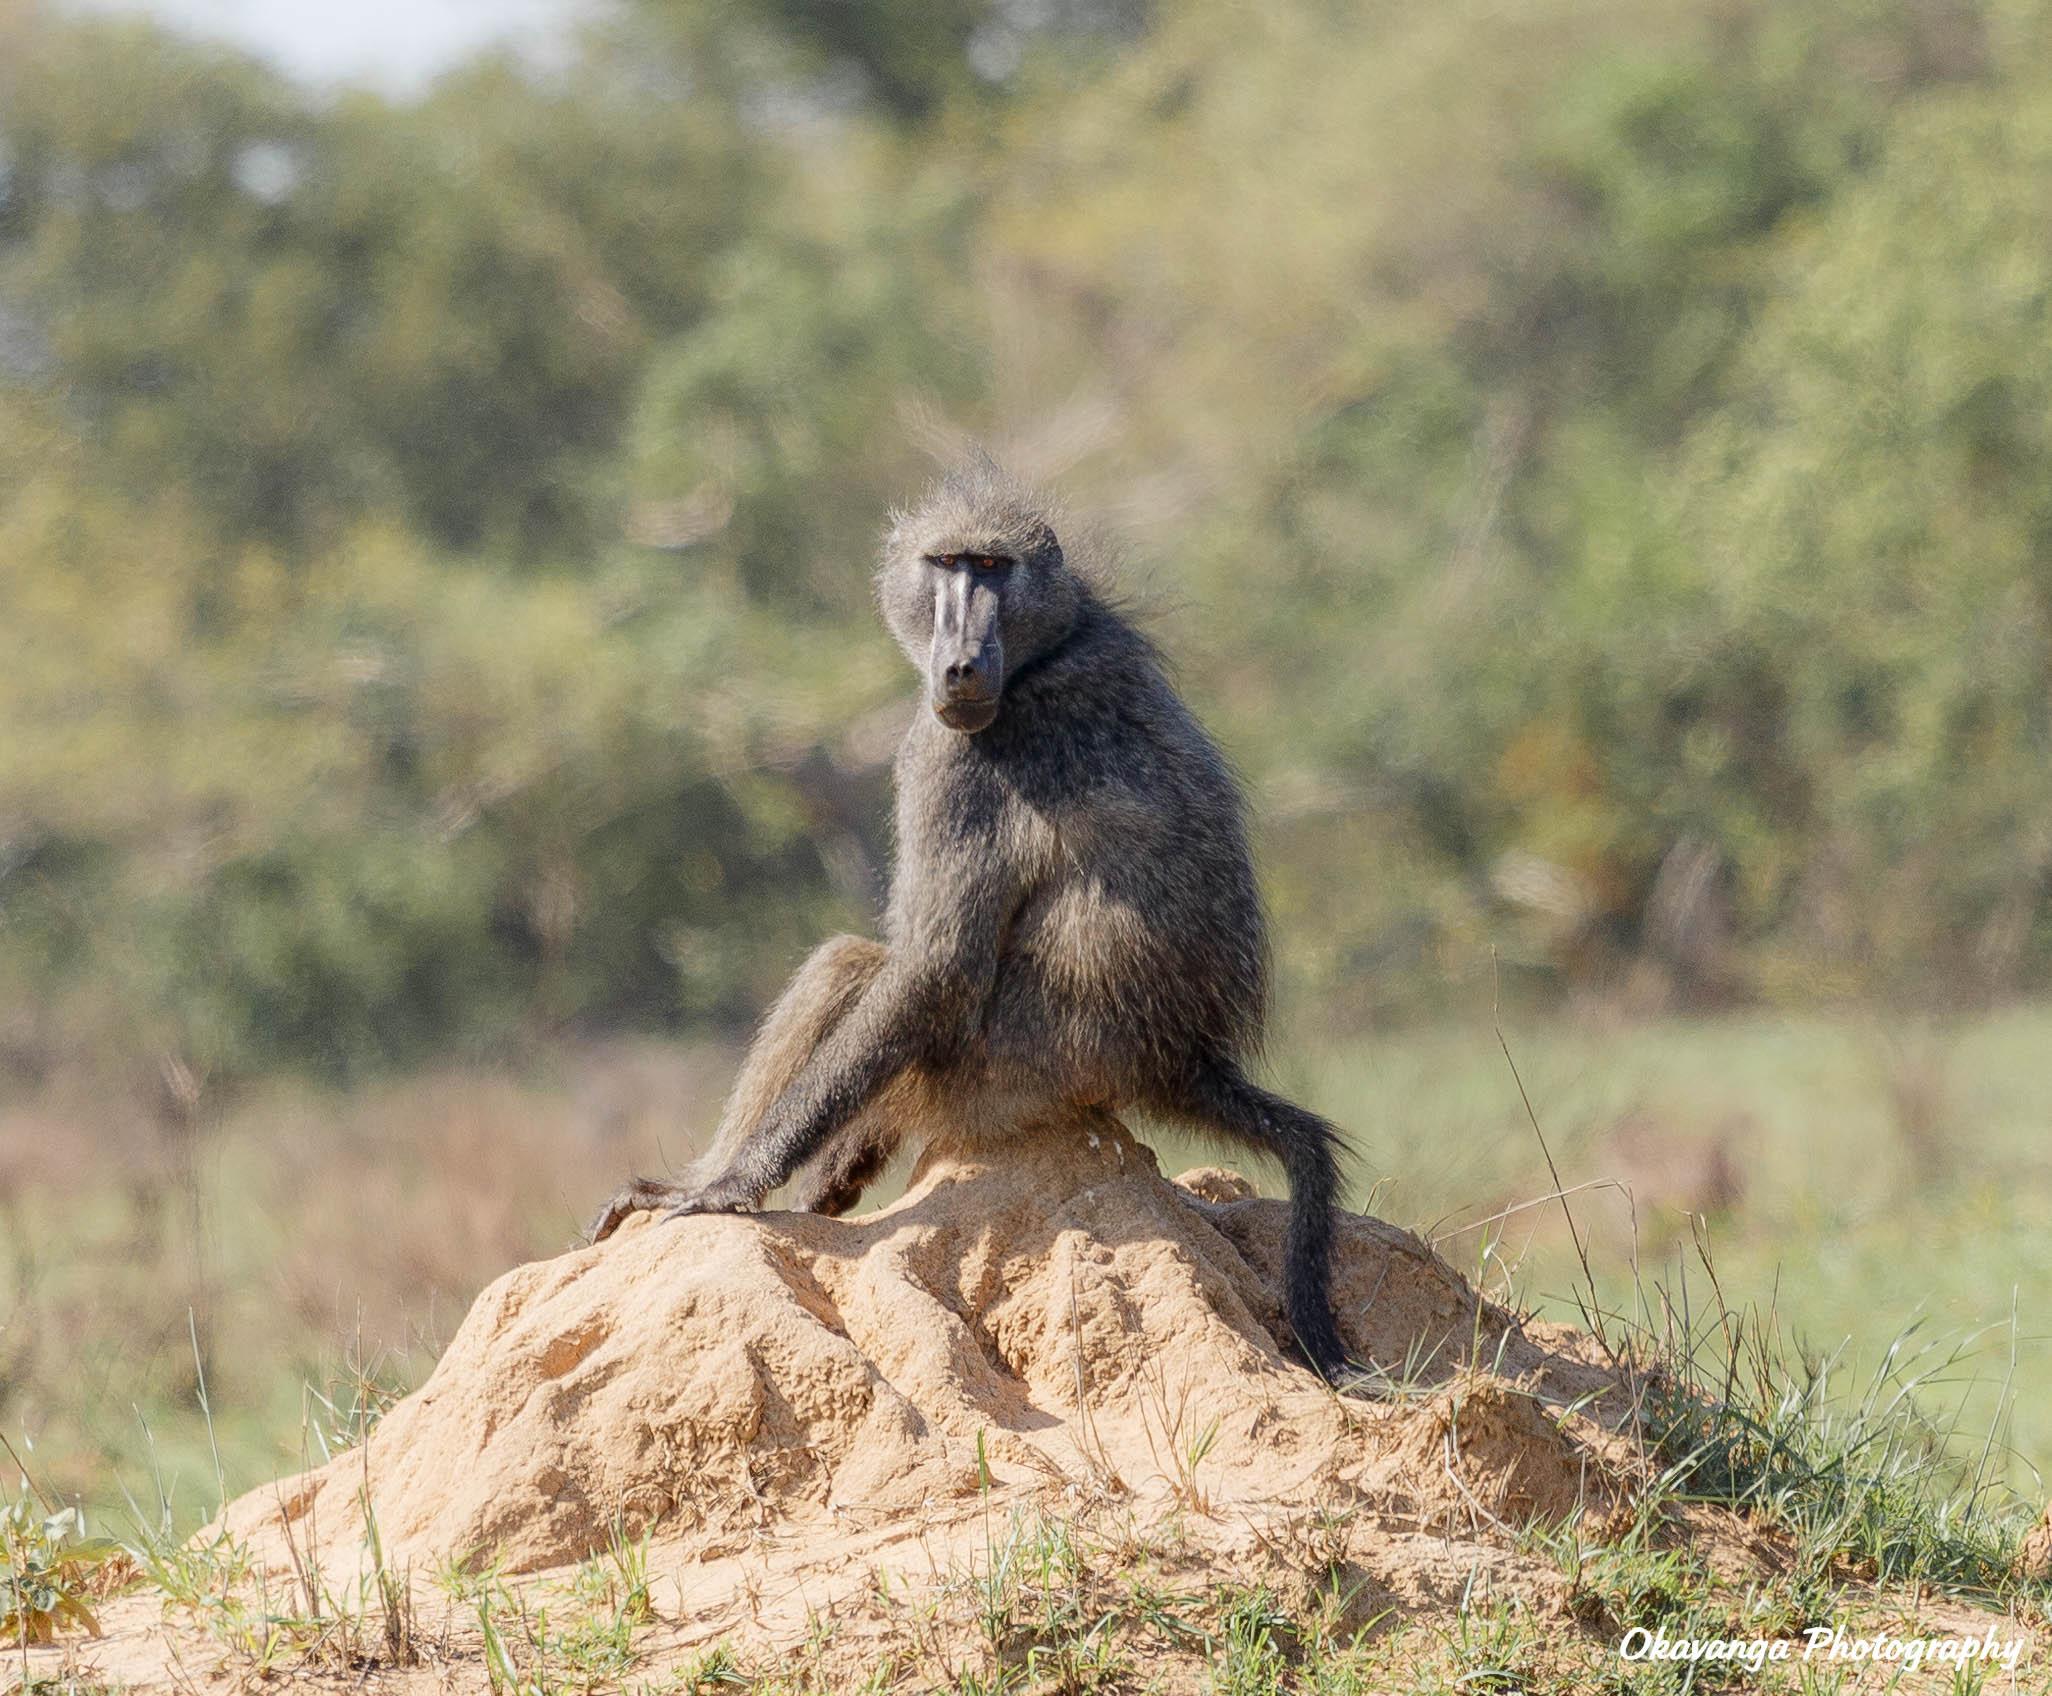 Male Baboon by Okavanga